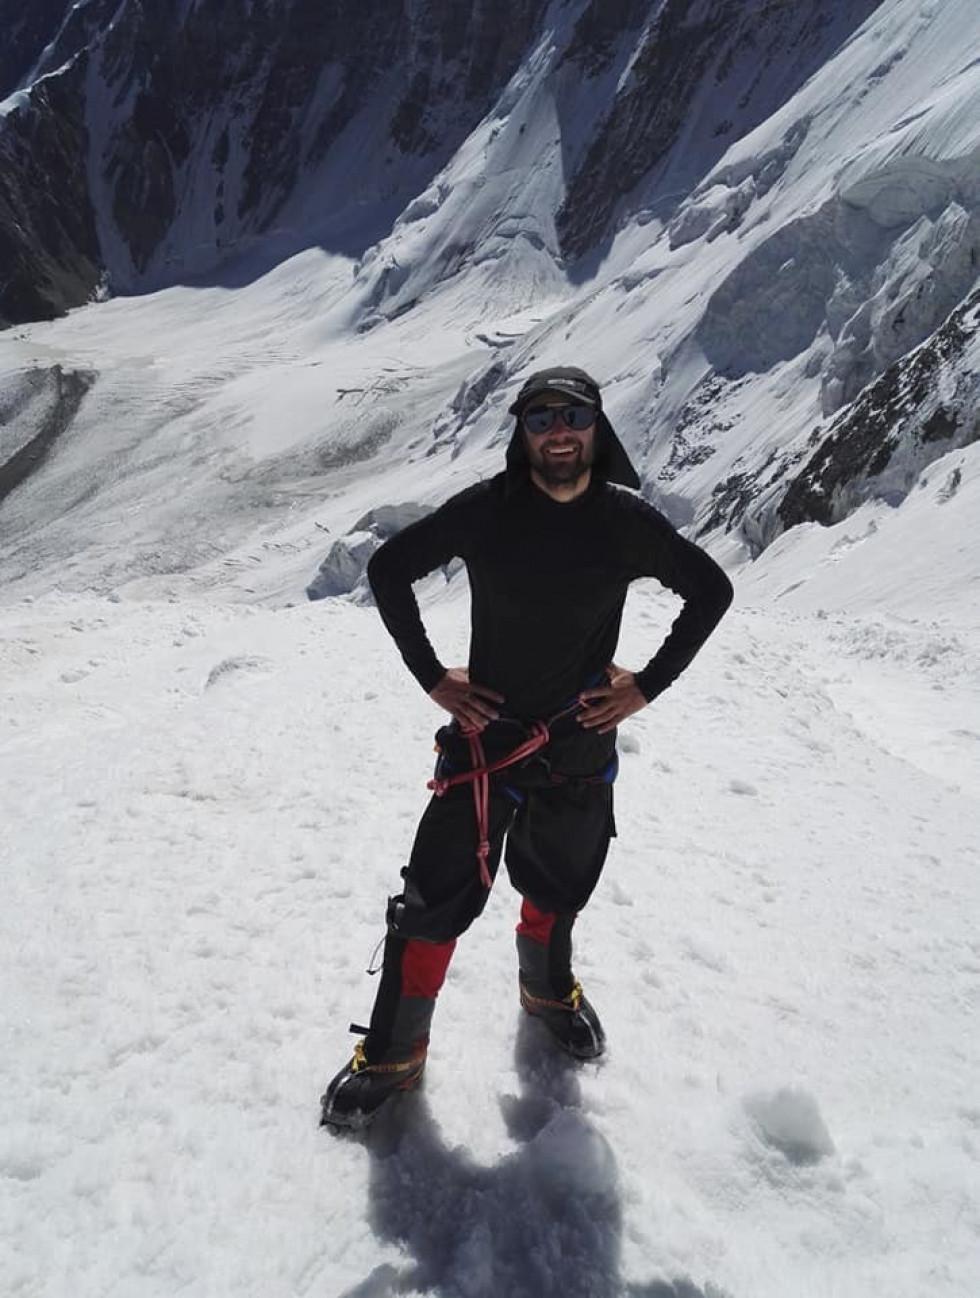 Луцький альпініст Денис Пєсков повернувся з подорожіі Таджикистаном